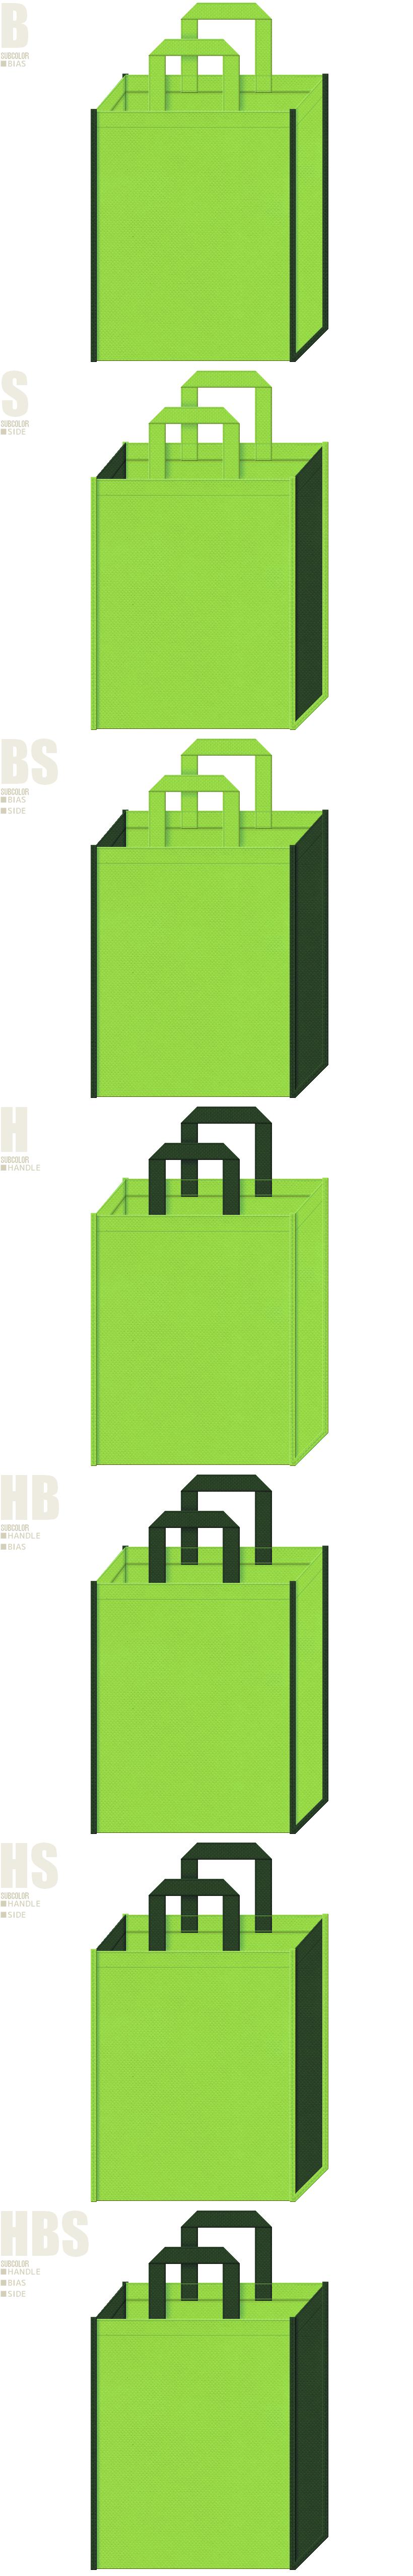 植物園・テーマパーク・アウトドアイベント・園芸用品の展示会用バッグにお奨めの不織布バッグデザイン:黄緑色と濃緑色の不織布バッグ配色7パターン。